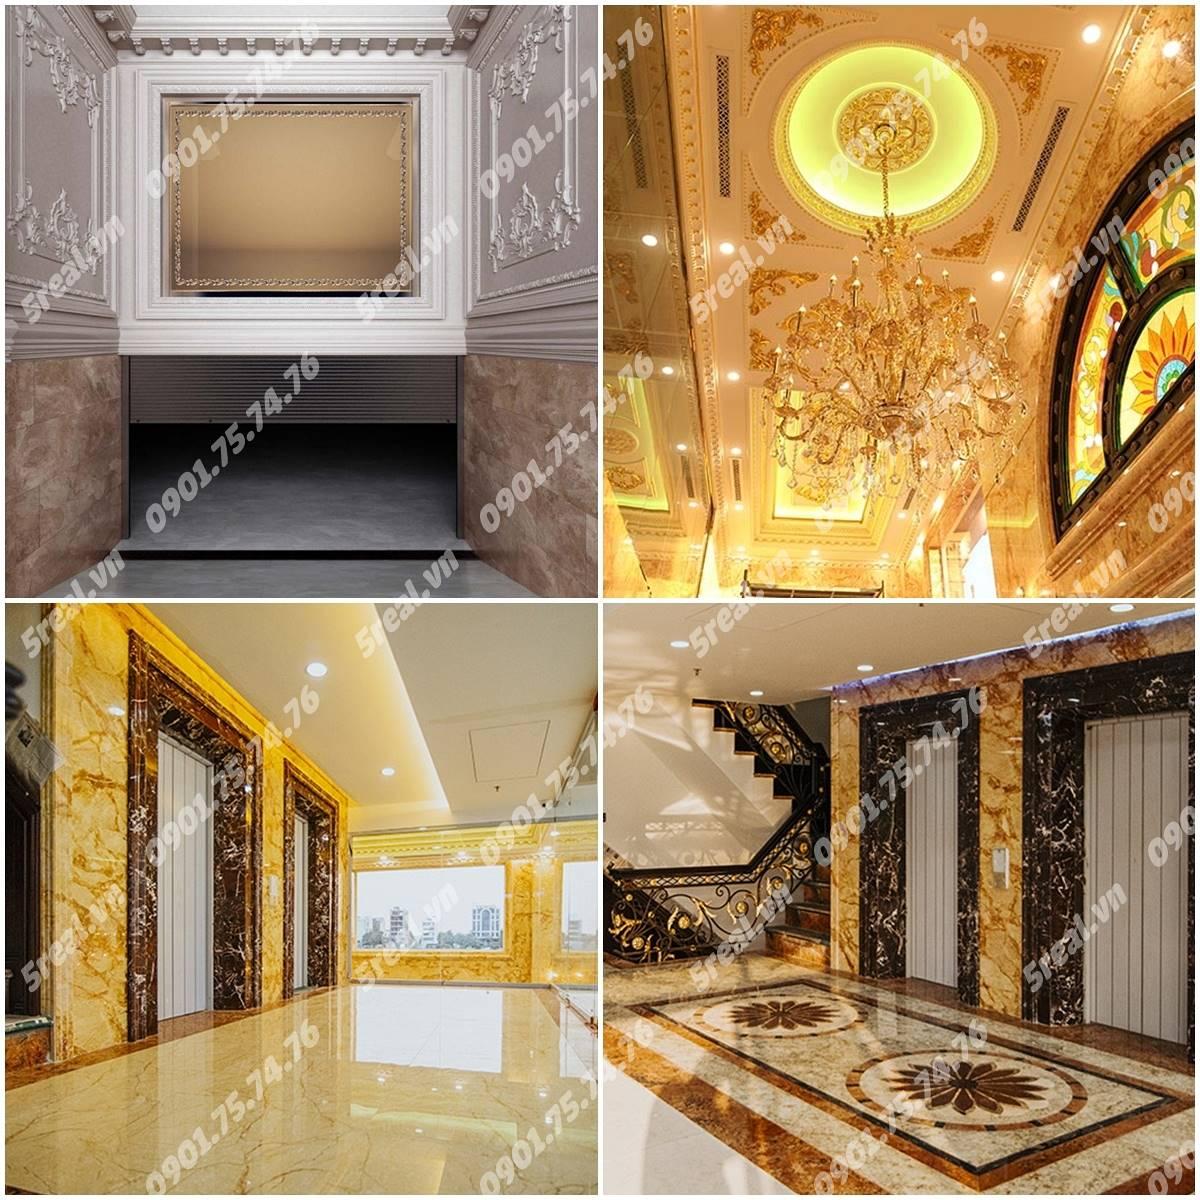 phap-viet-luxury-tower-truong-van-bang-quan-2-van-phong-cho-thue-tphcm-5real.vn-02